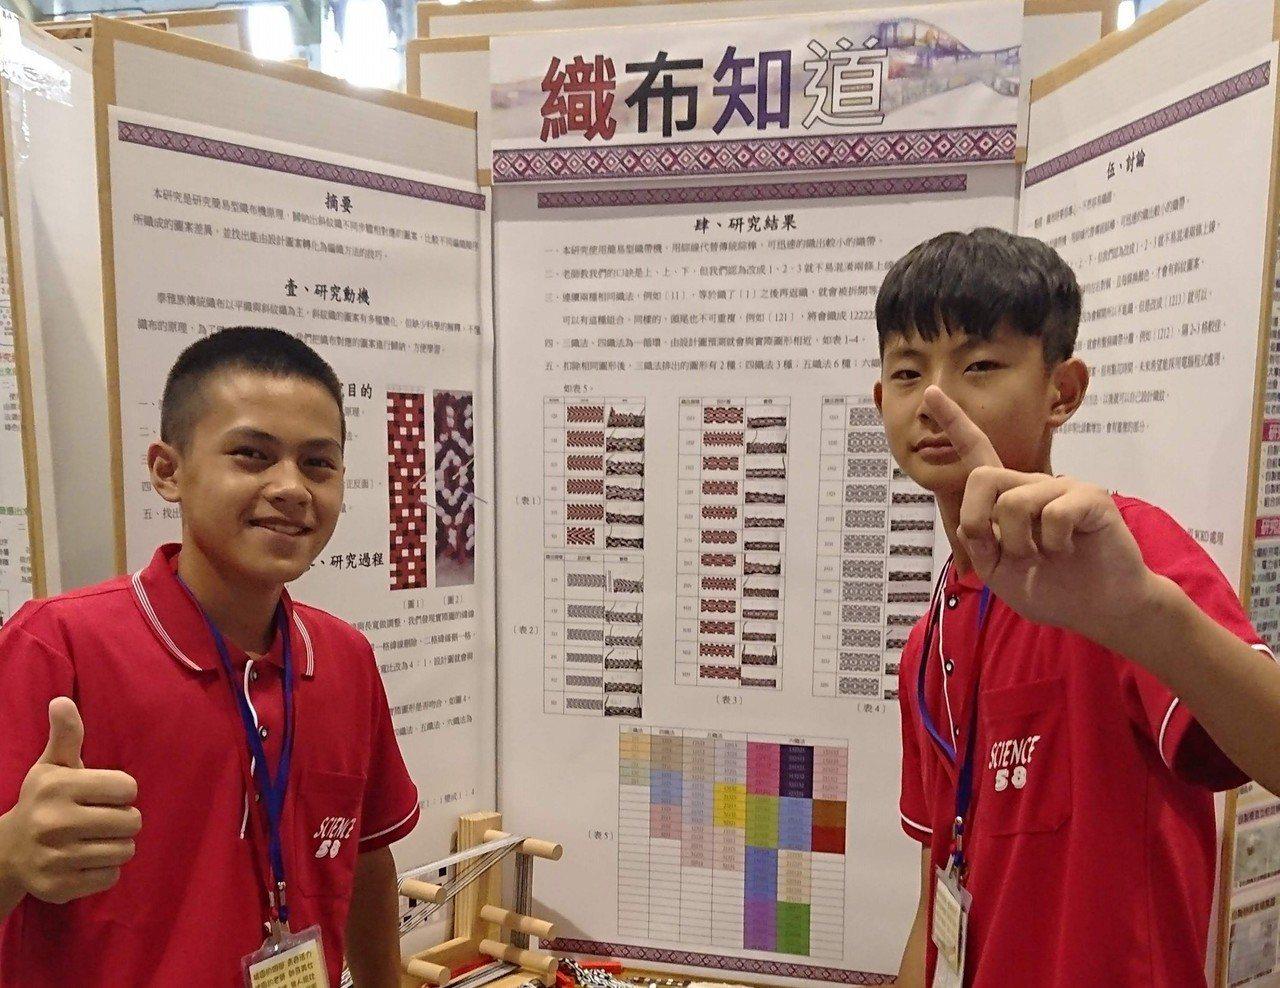 介壽國中榮獲生活與應用科學二組全國第二名,研究主題為「織布知道」。圖/市府提供